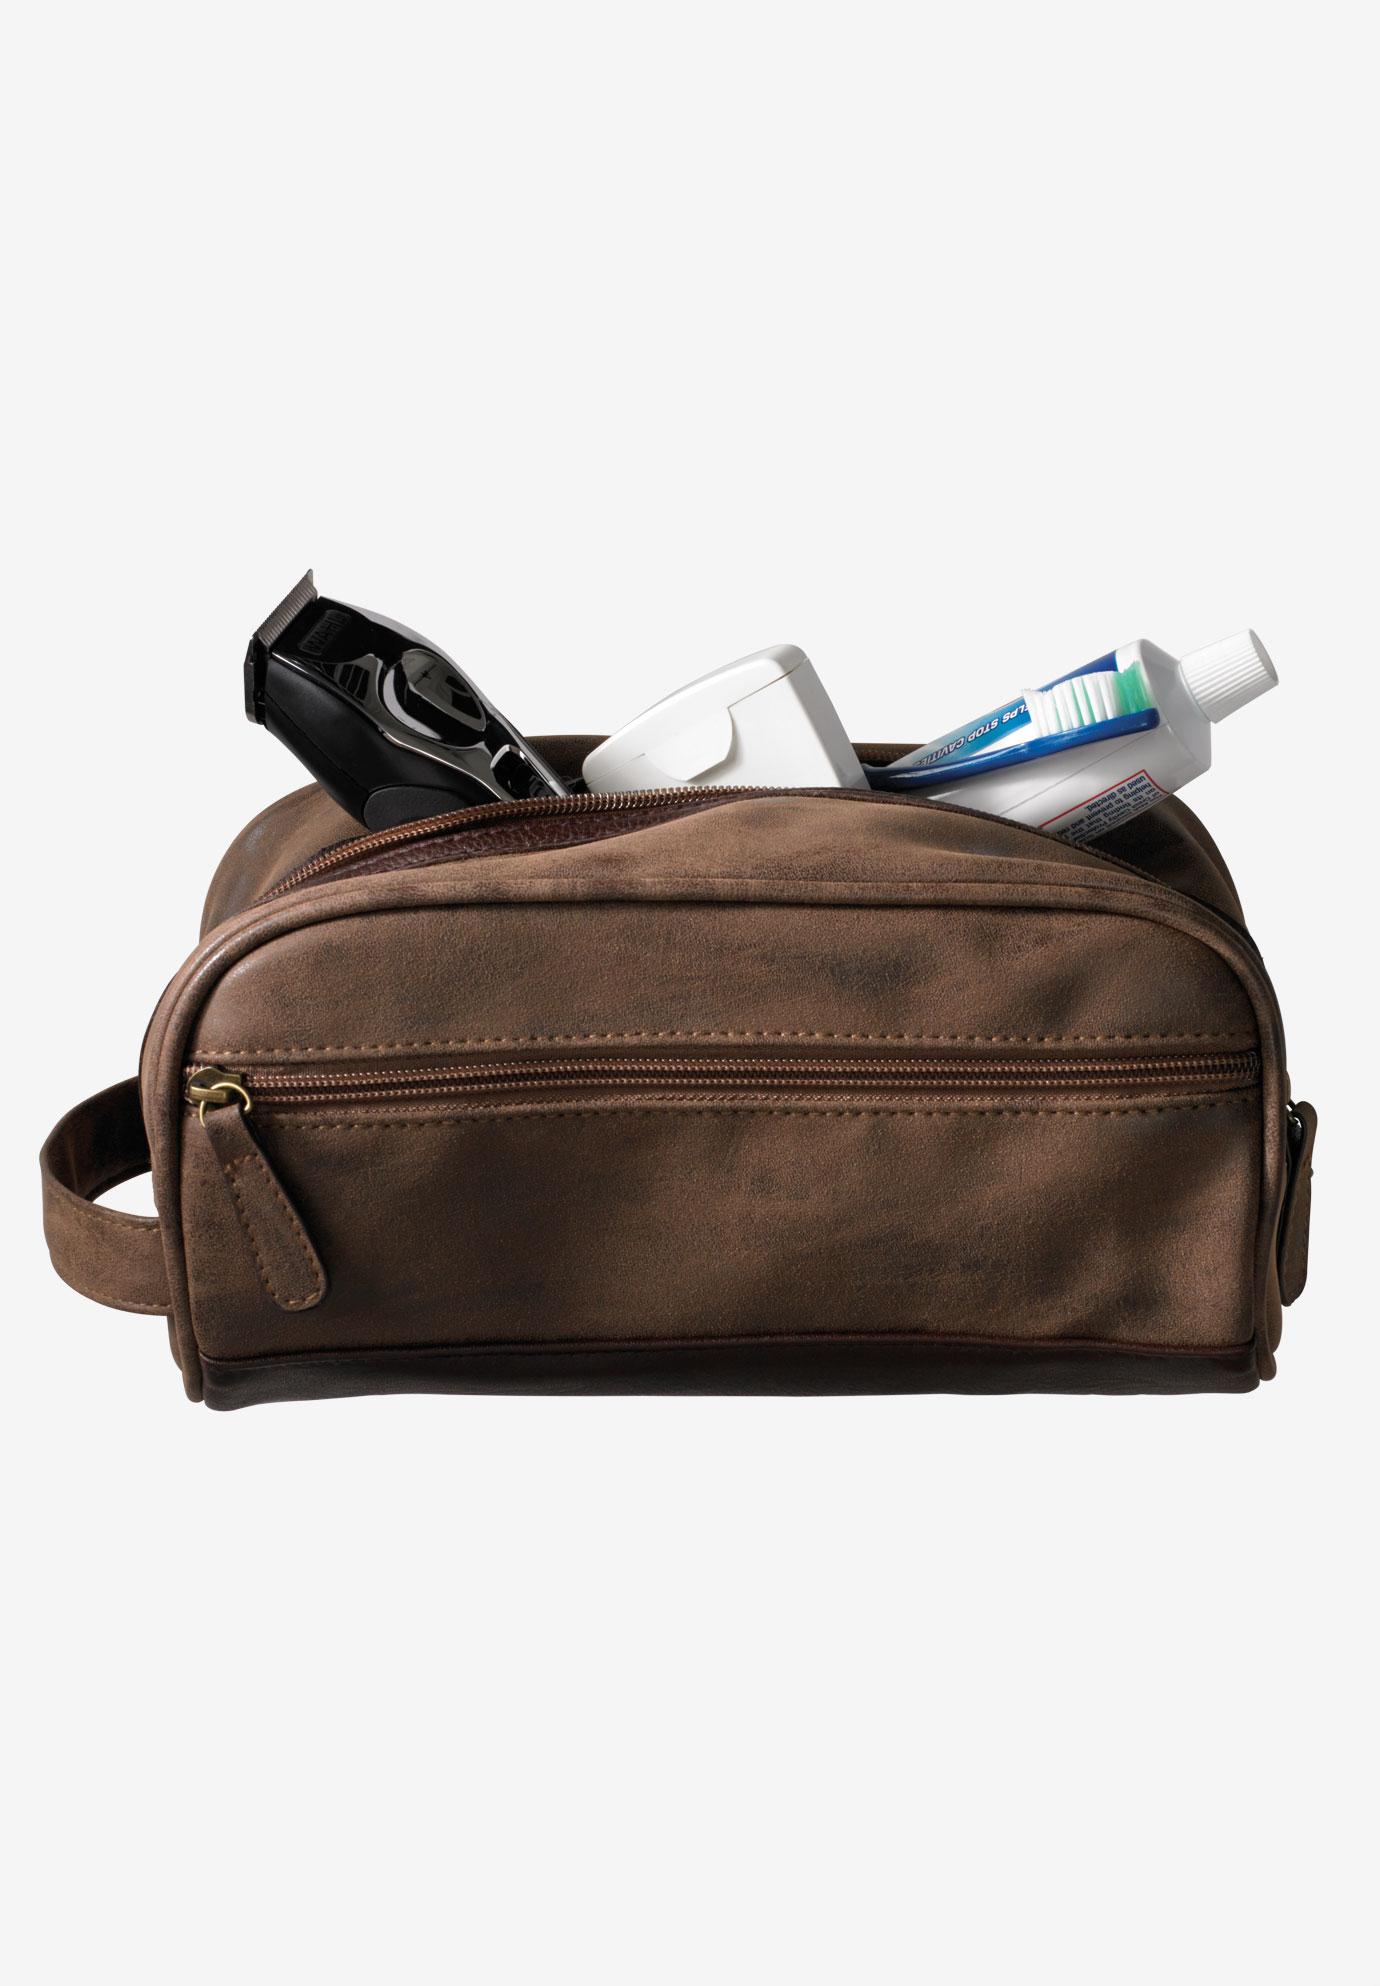 Travel Shaving Bag Brown